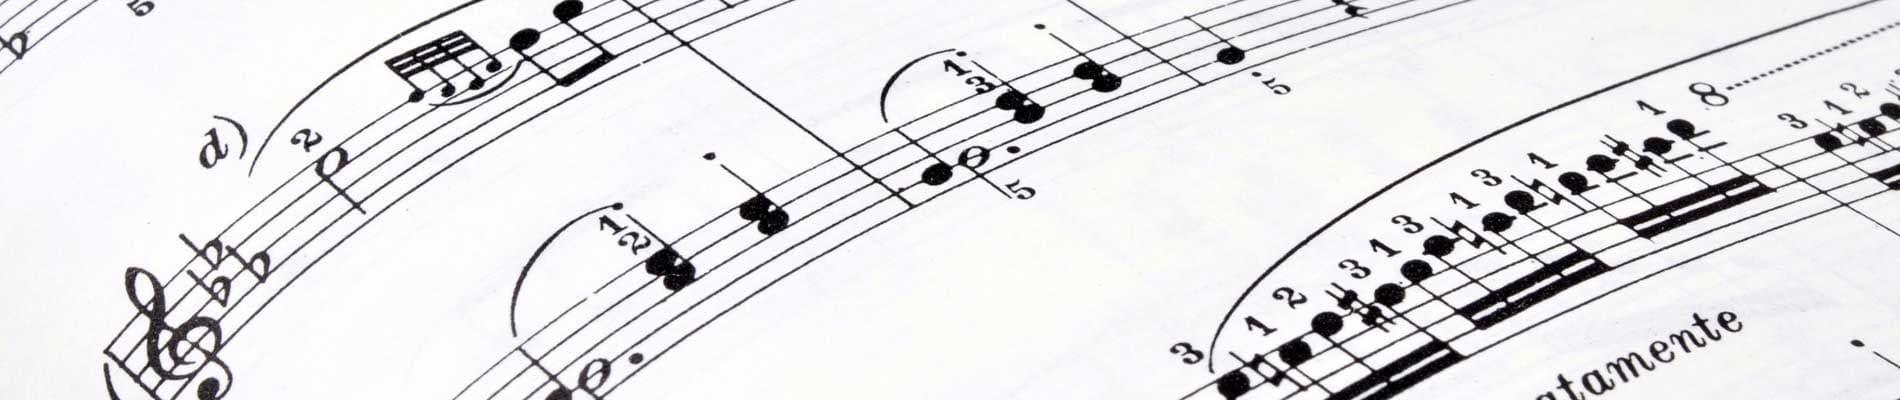 Educación musical/pedagogía musical